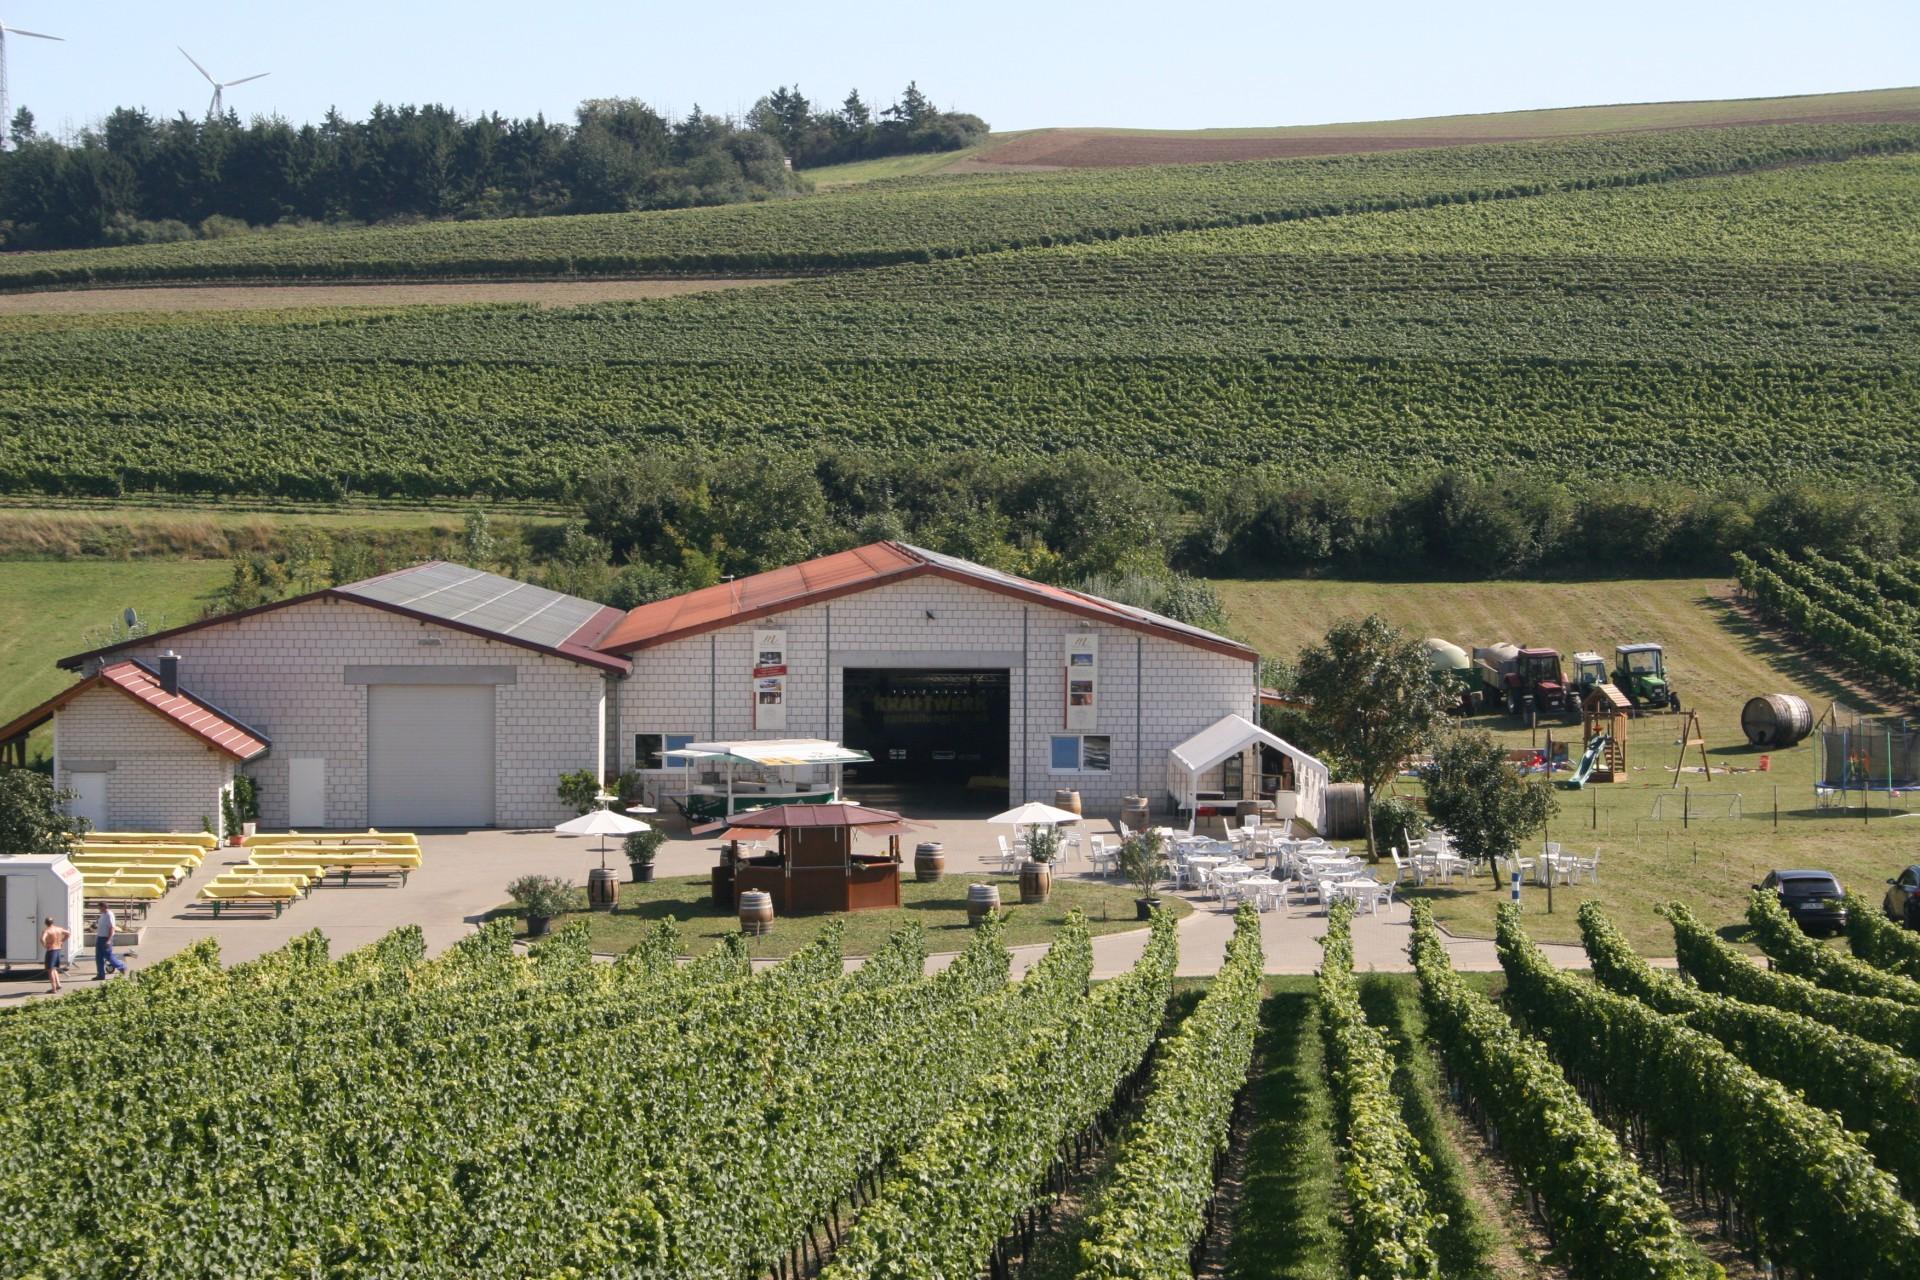 Erlebniswelt Wein & More